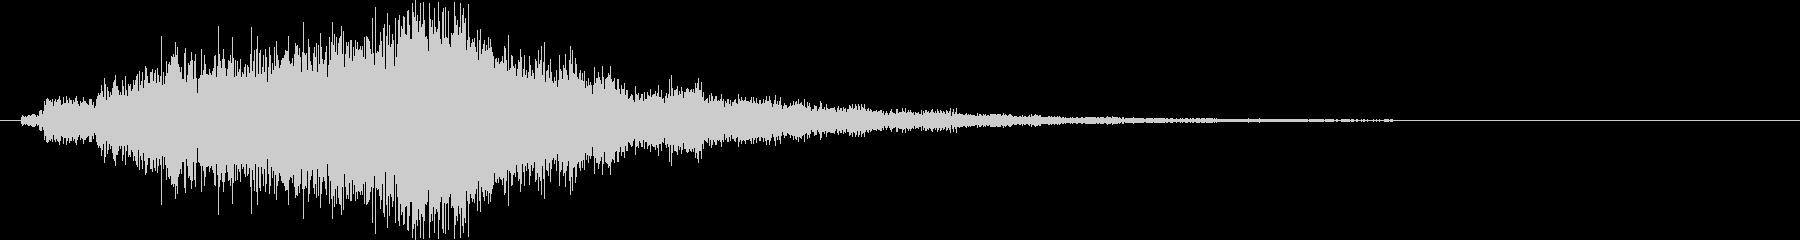 トゥルル キラーン!なアタック音2の未再生の波形